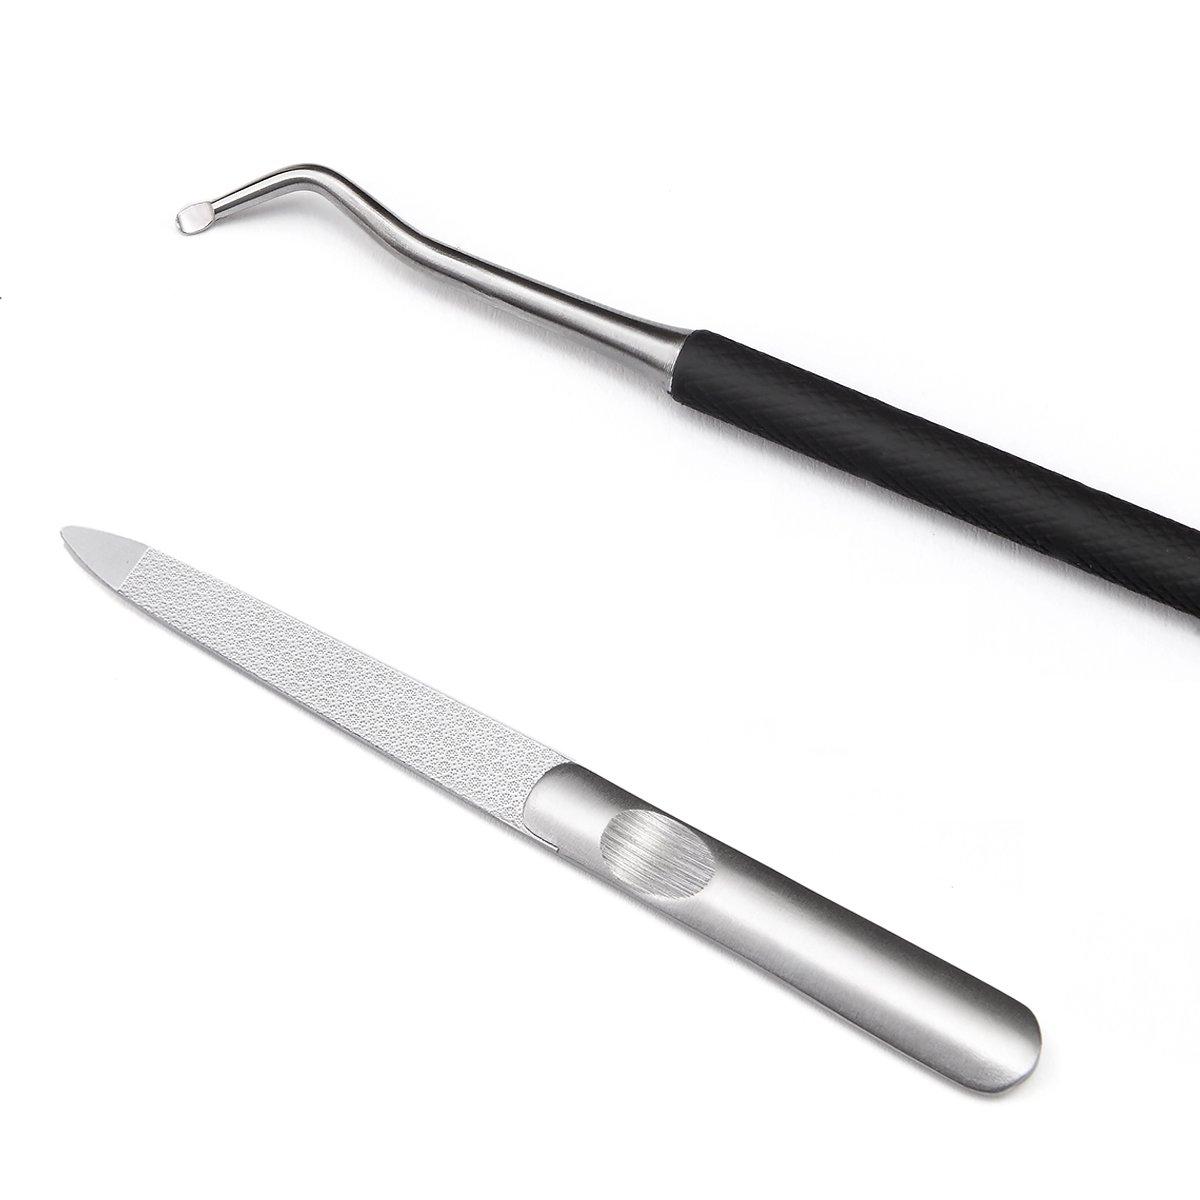 Präziser Nagelknipser Set für dicke Und Eingewachsene Zehennägel ...